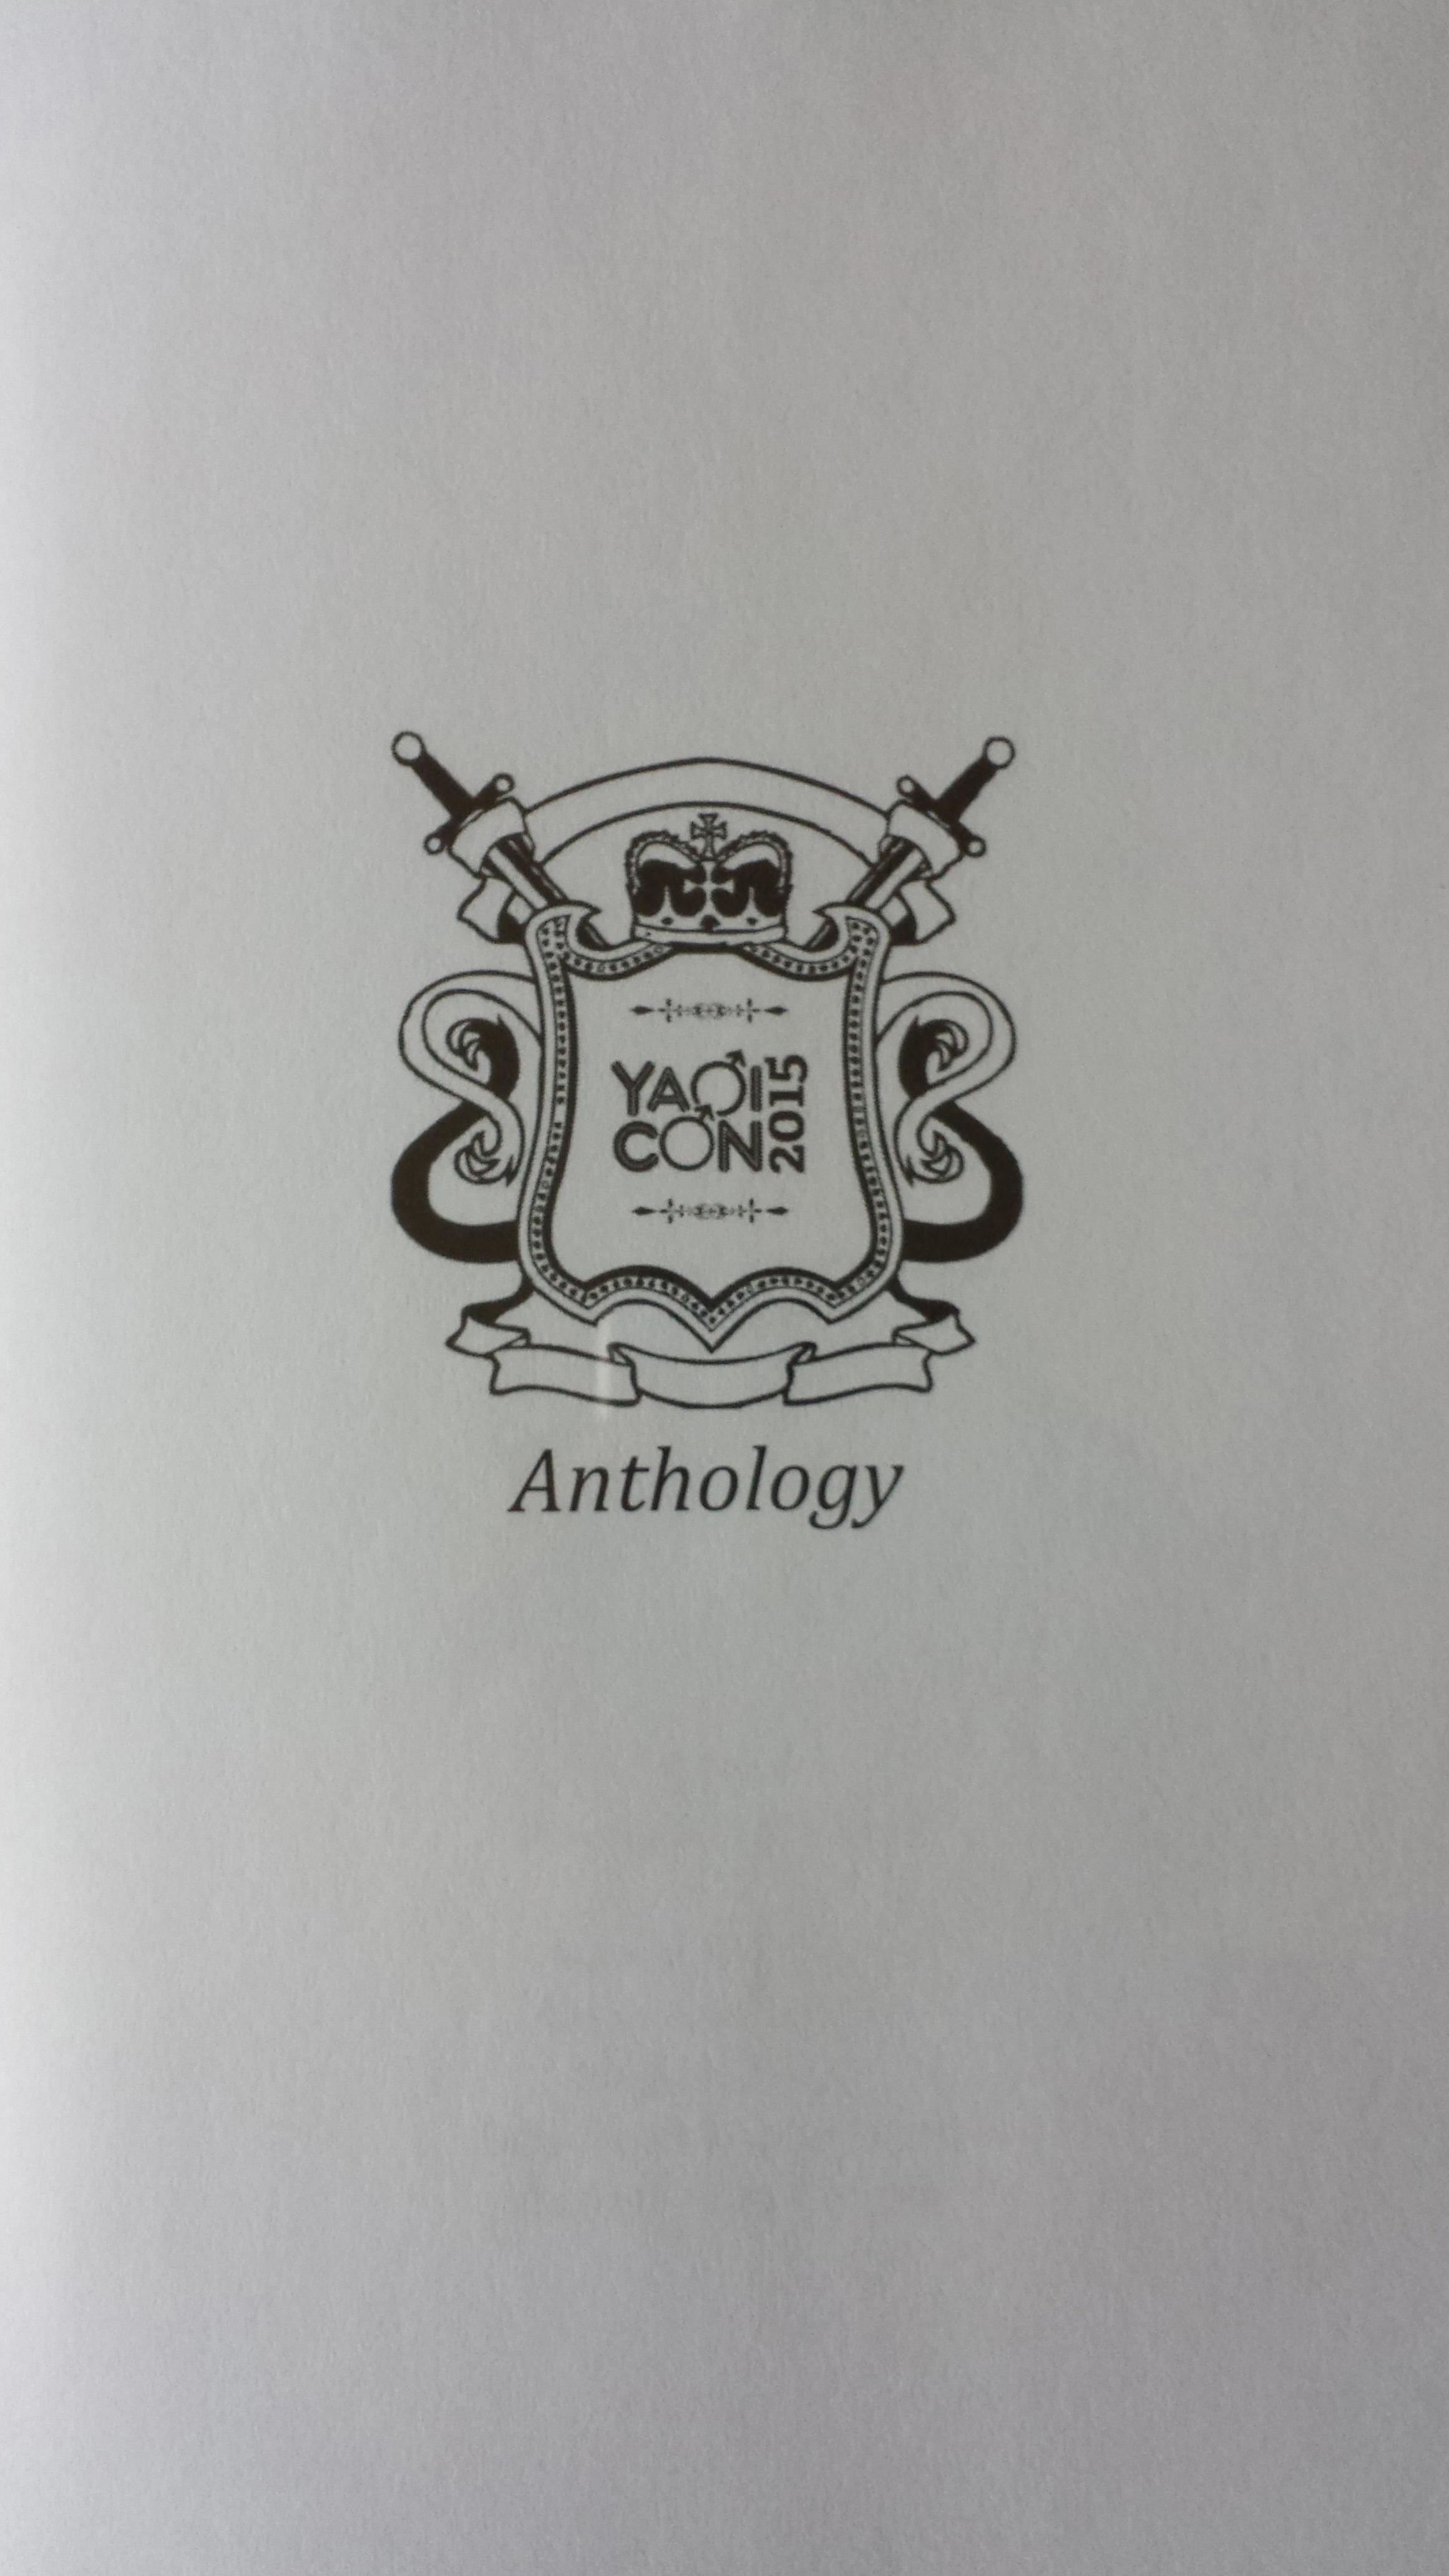 {Various} YaoiCon 2015 Anthology-03